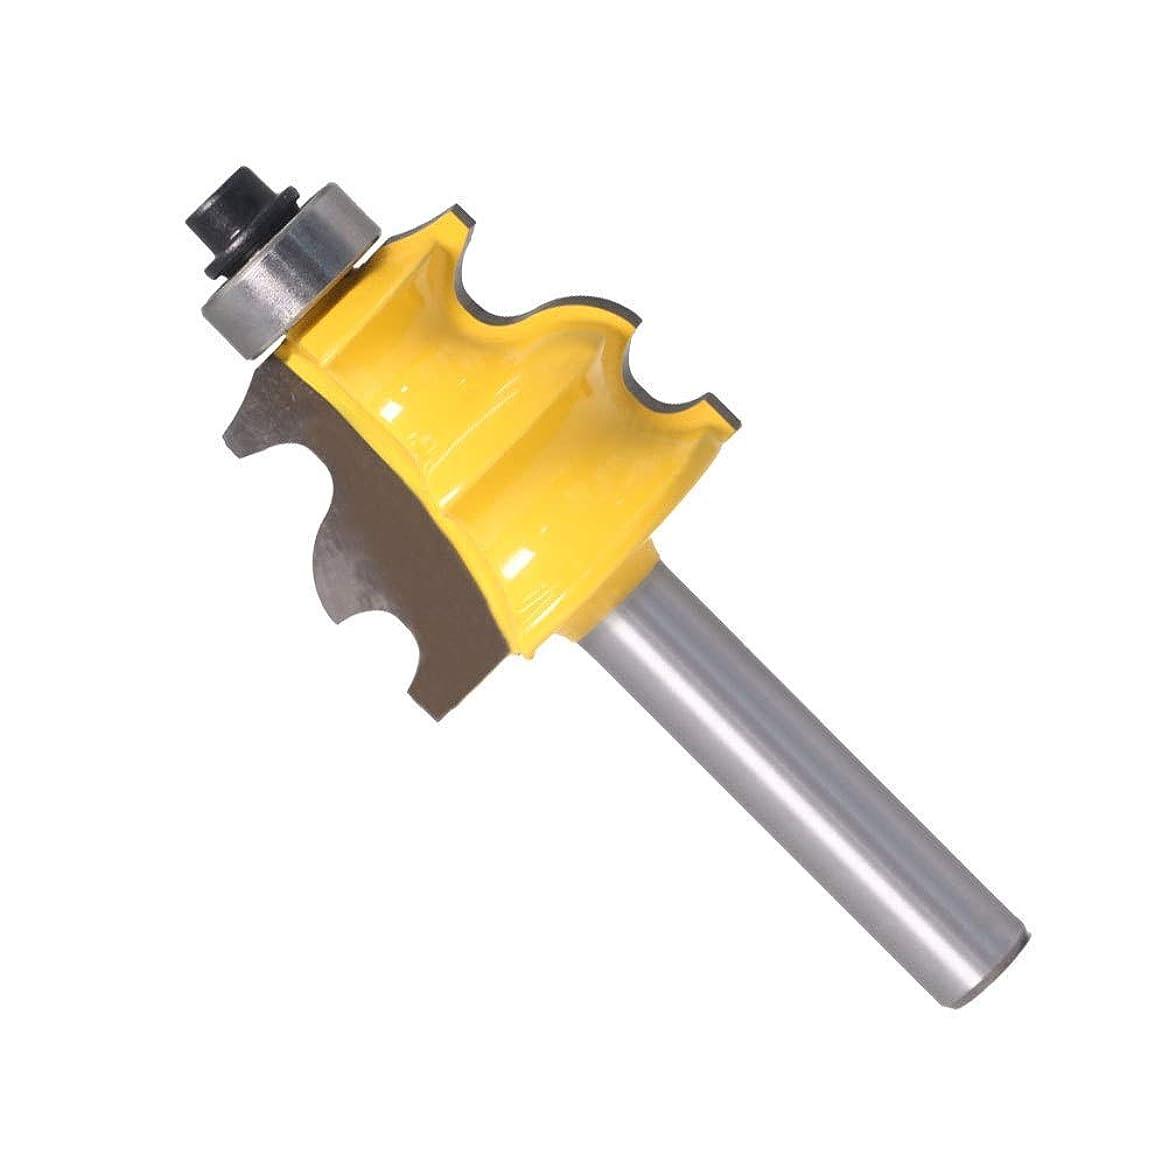 あいまいなでるGulakey 8ミリメートルウッドカッターナイフのハンドルバーカーブ円弧曲線ナイフブレードアークレースの工作機械ベークライトフライスヘッド功ウッドシェービングツールを形